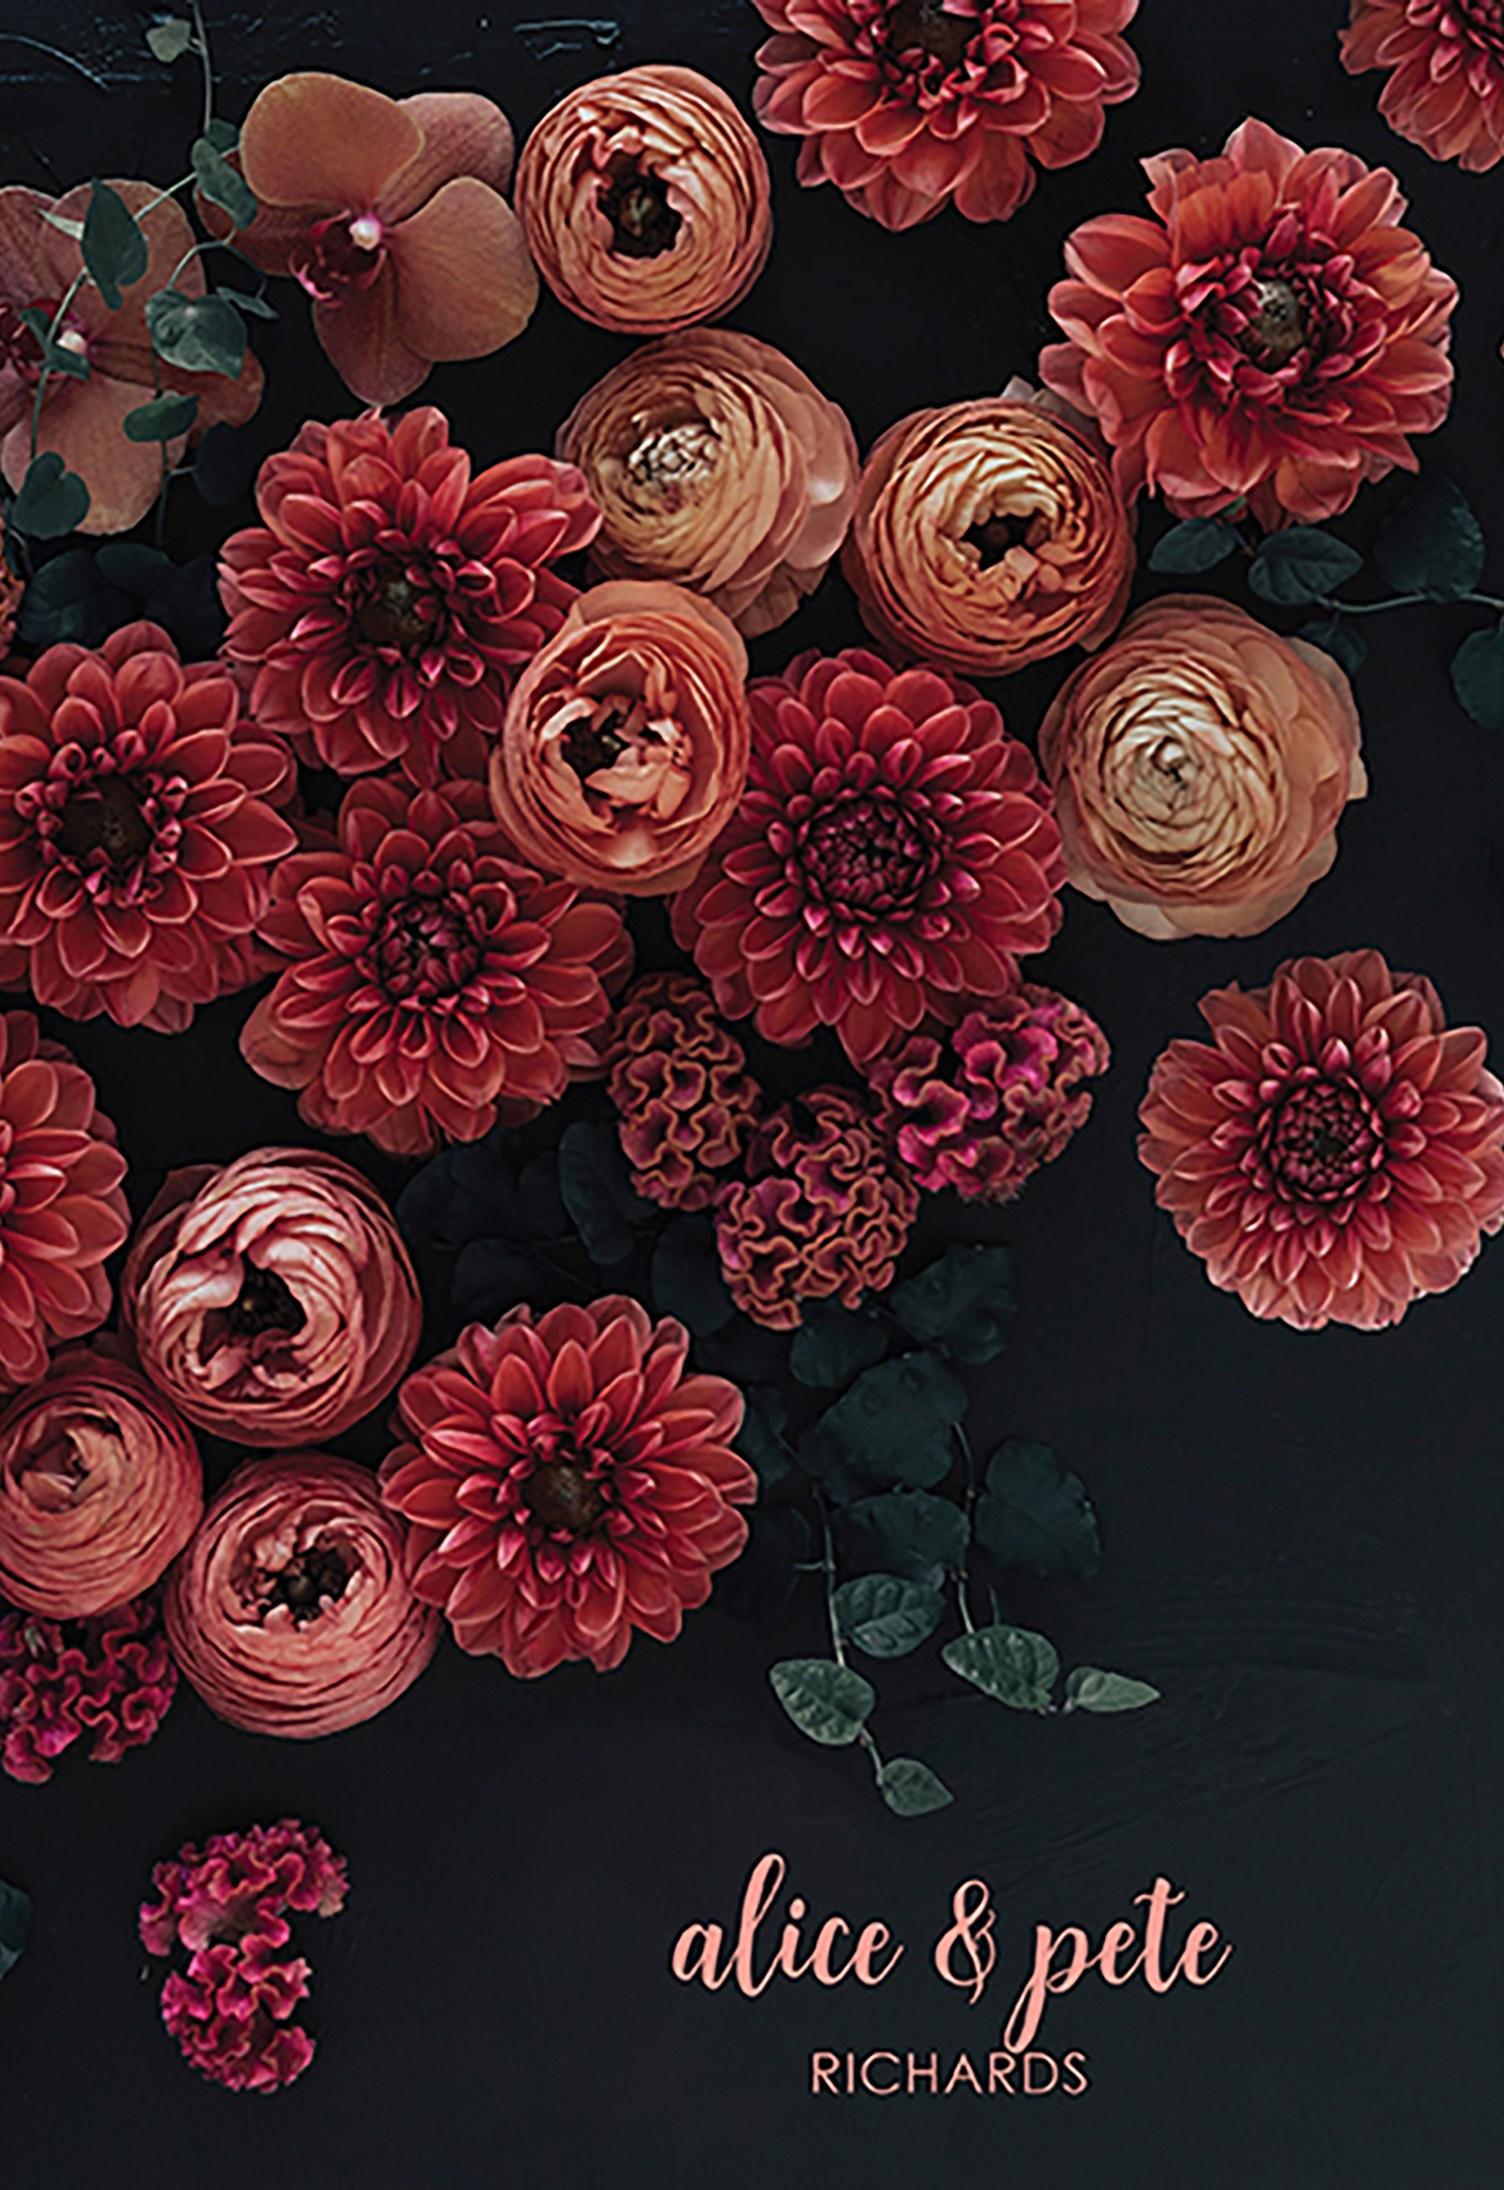 Dark Floral Glam Wedding Planner Erin Condren